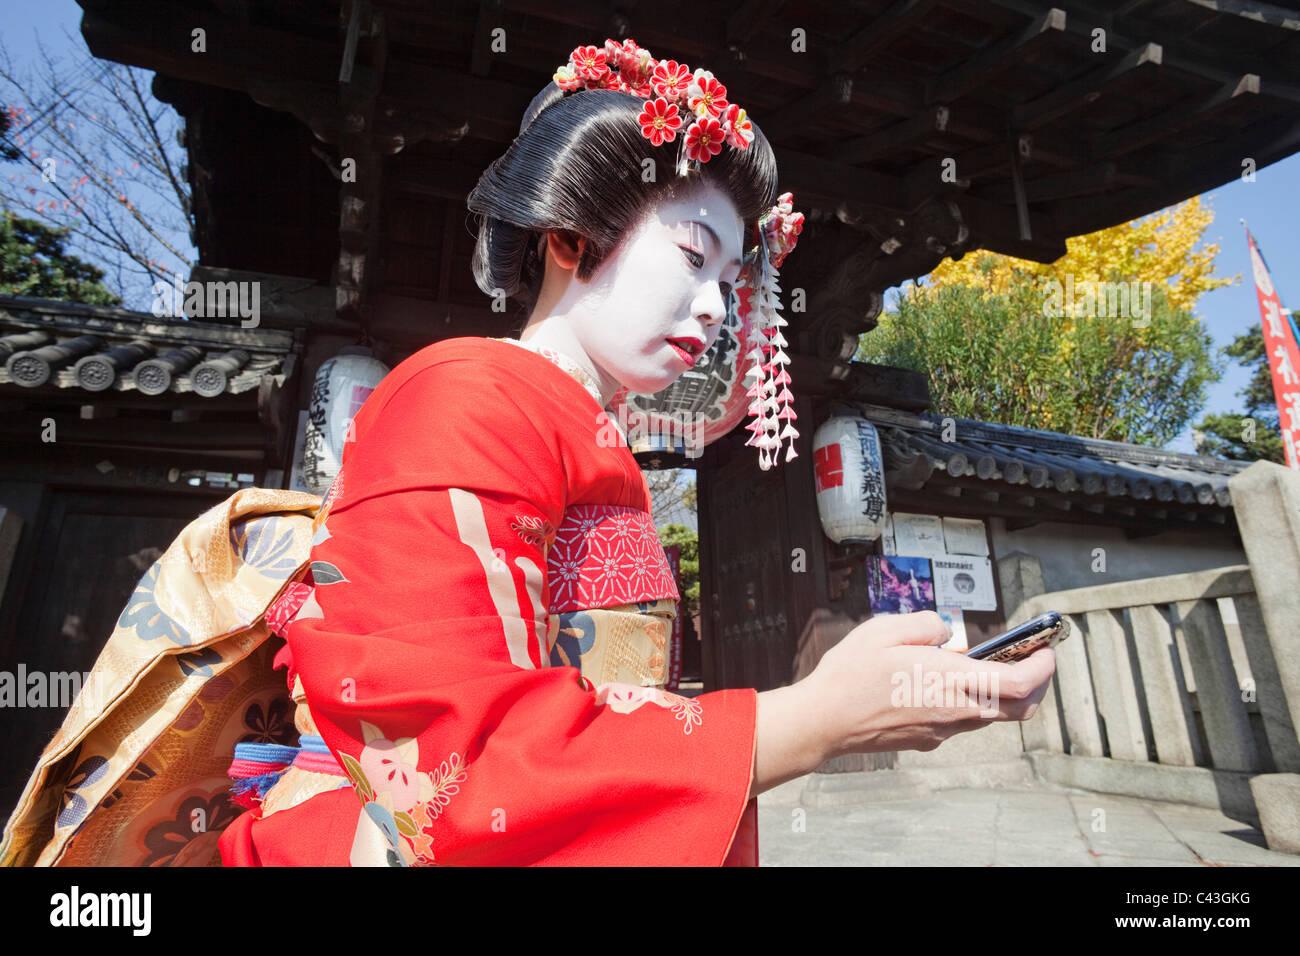 L'Asie, Japon, Honshu, Kyoto, femme, femme, Femme, femme japonaise, la femme japonaise, Asiatique, femme, femmes Photo Stock